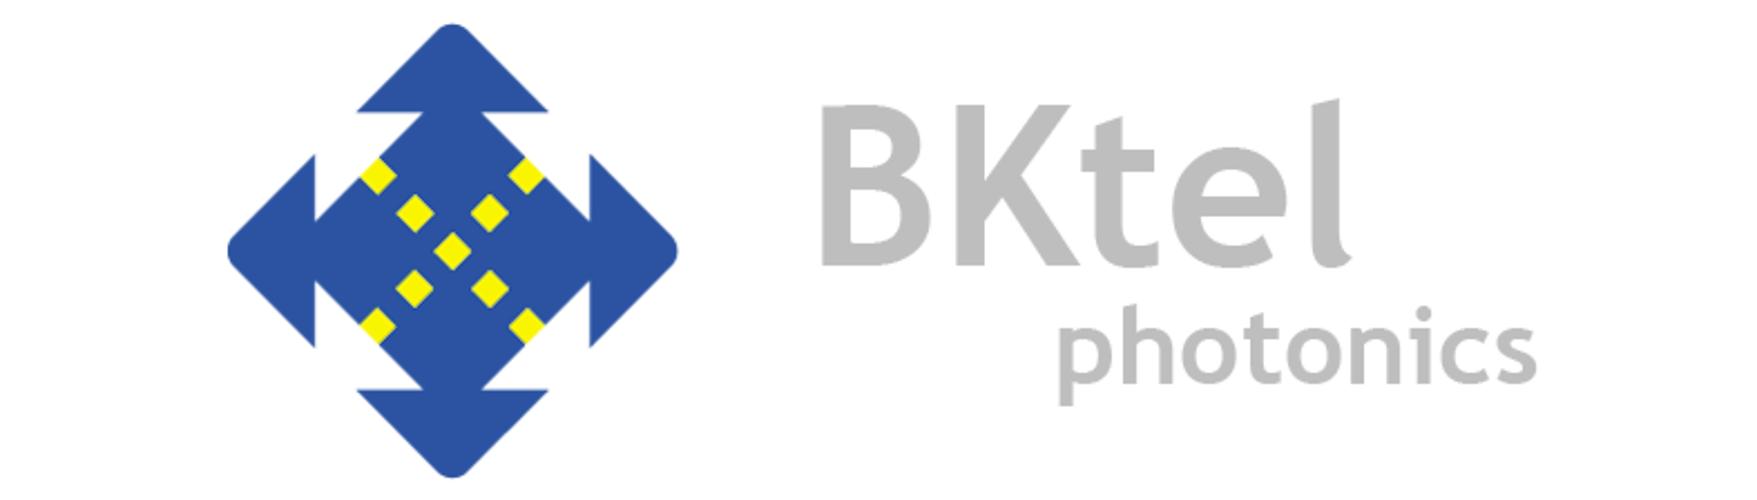 BKTEL PHOTONICS 0